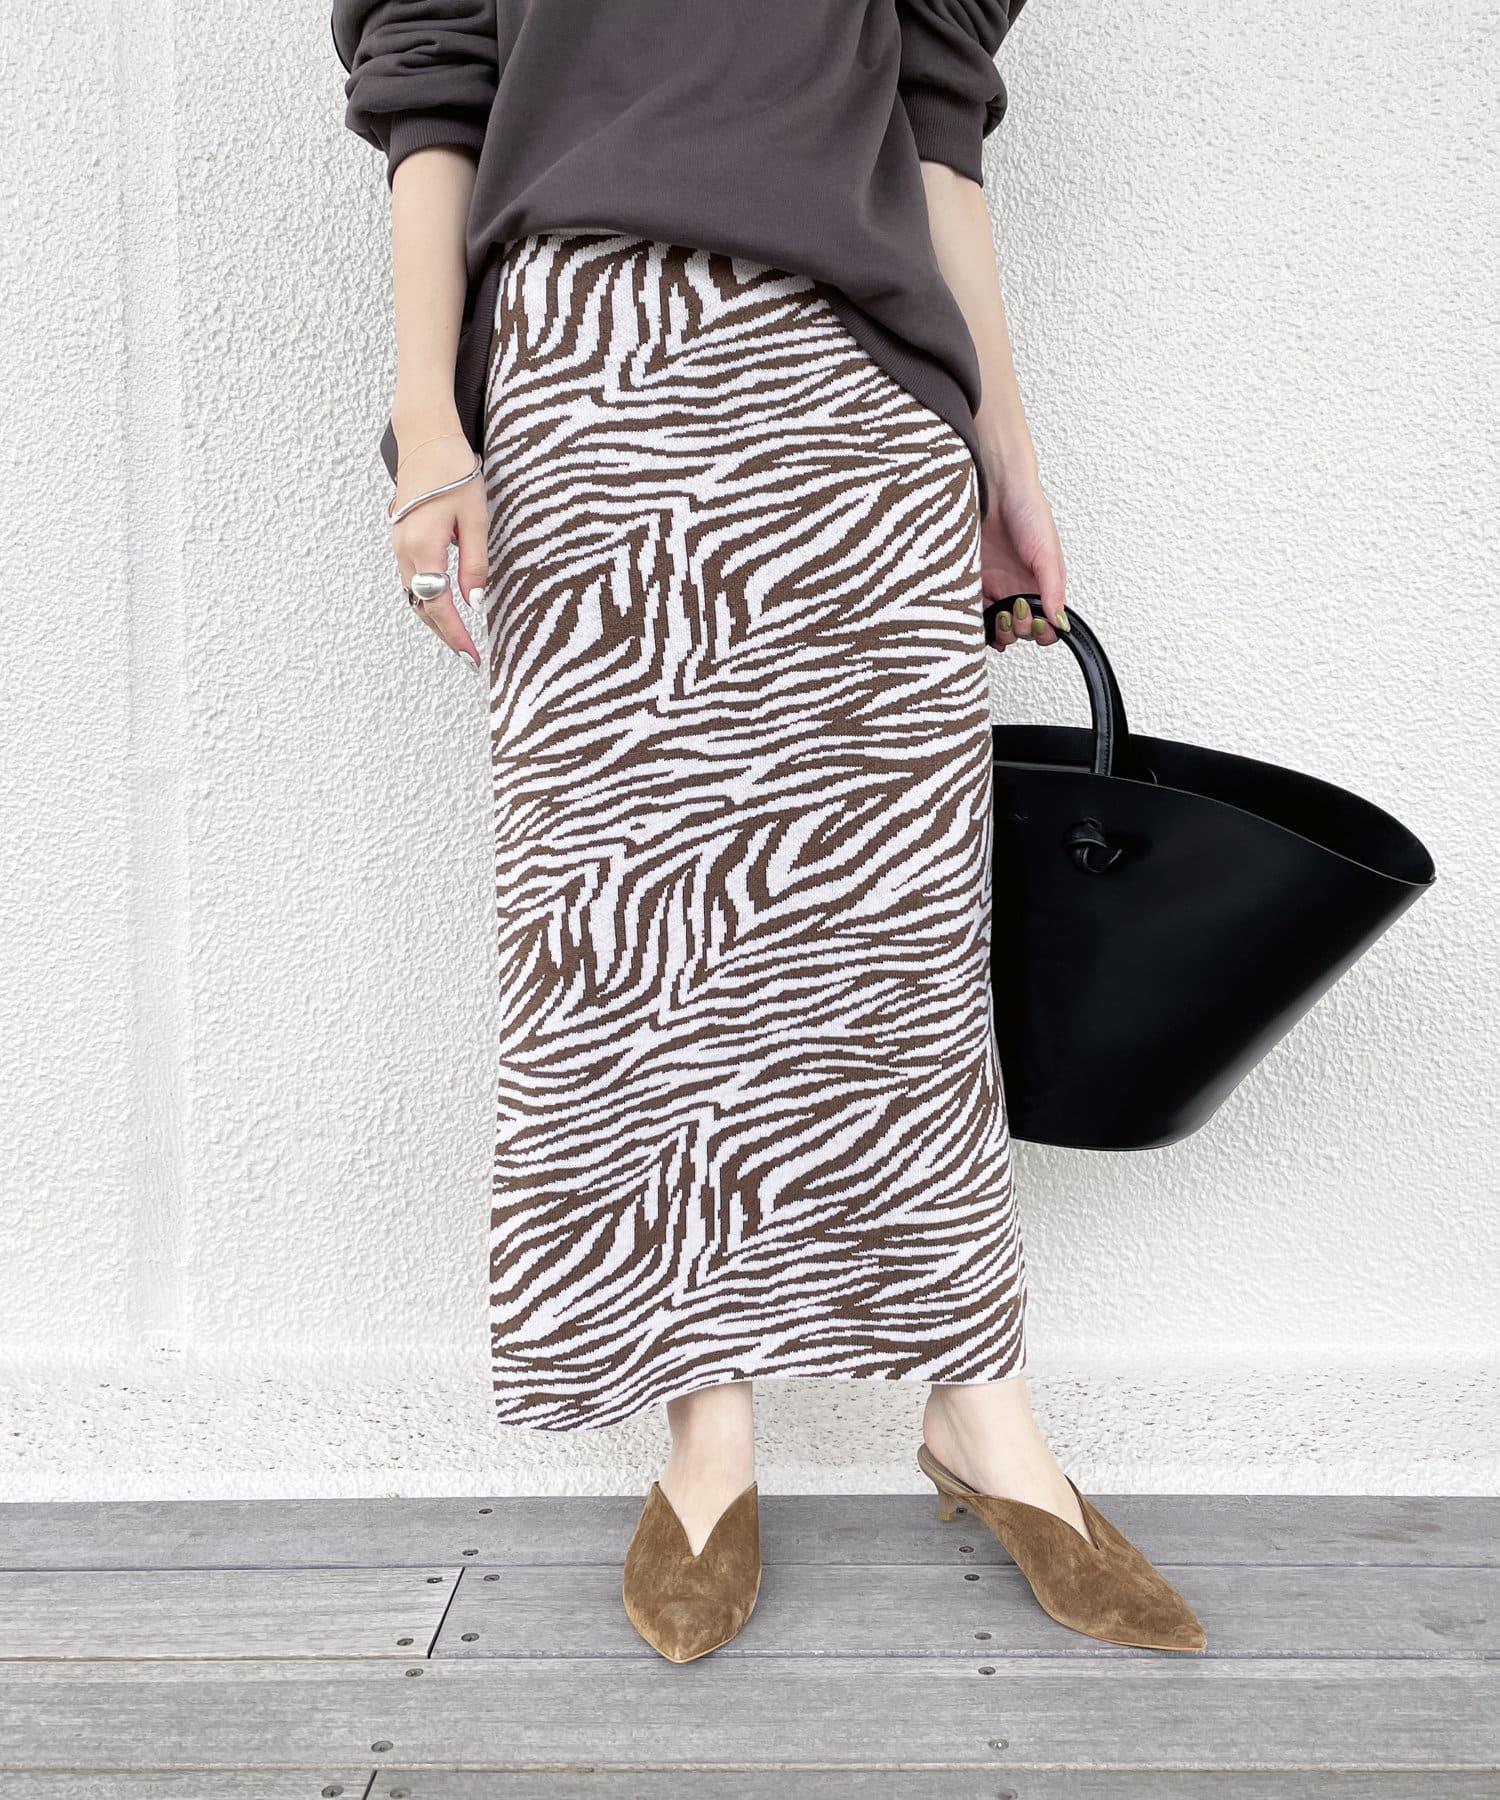 Loungedress(ラウンジドレス) ニットジャガード柄スカート